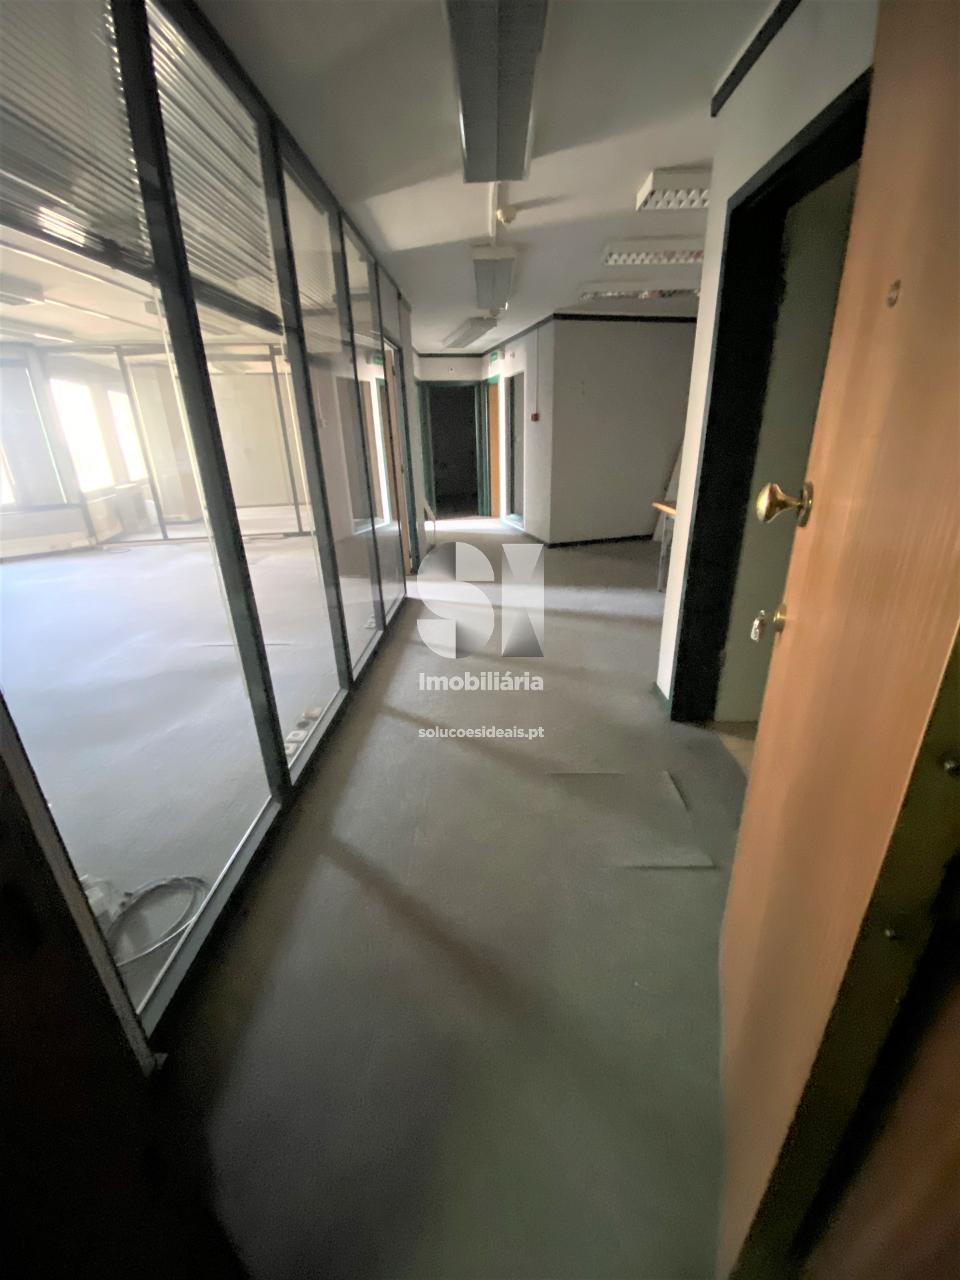 escritorio para arrendamento em coimbra uniao das freguesias de coimbra se nova santa cruz almedina e sao bartolomeu baixa CELAR2665